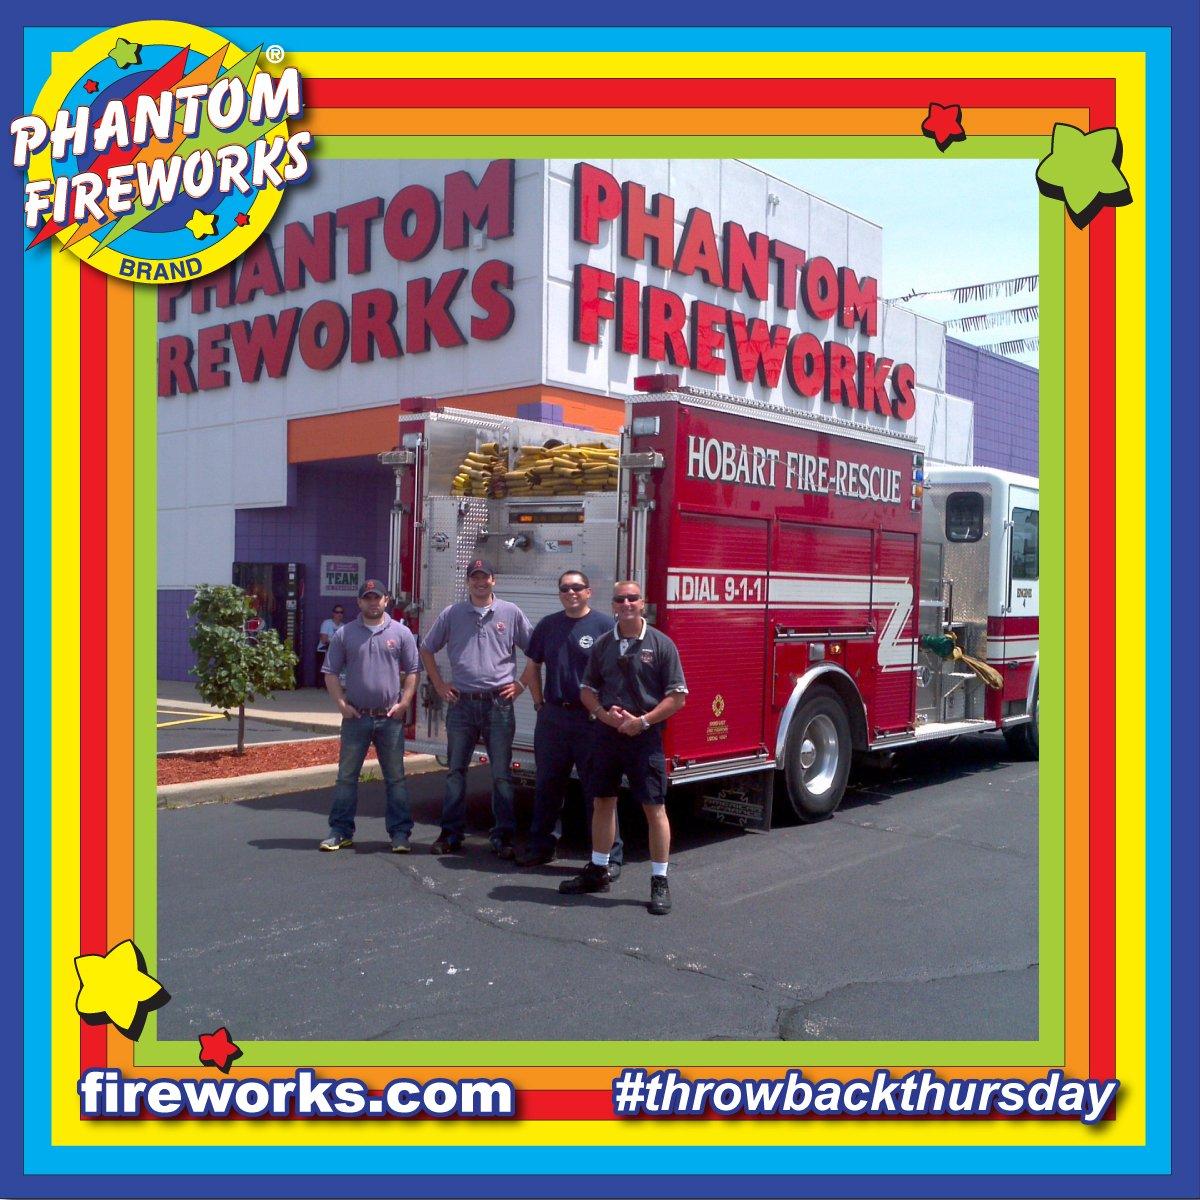 Phantom Fireworks (@Fireworks) | Twitter